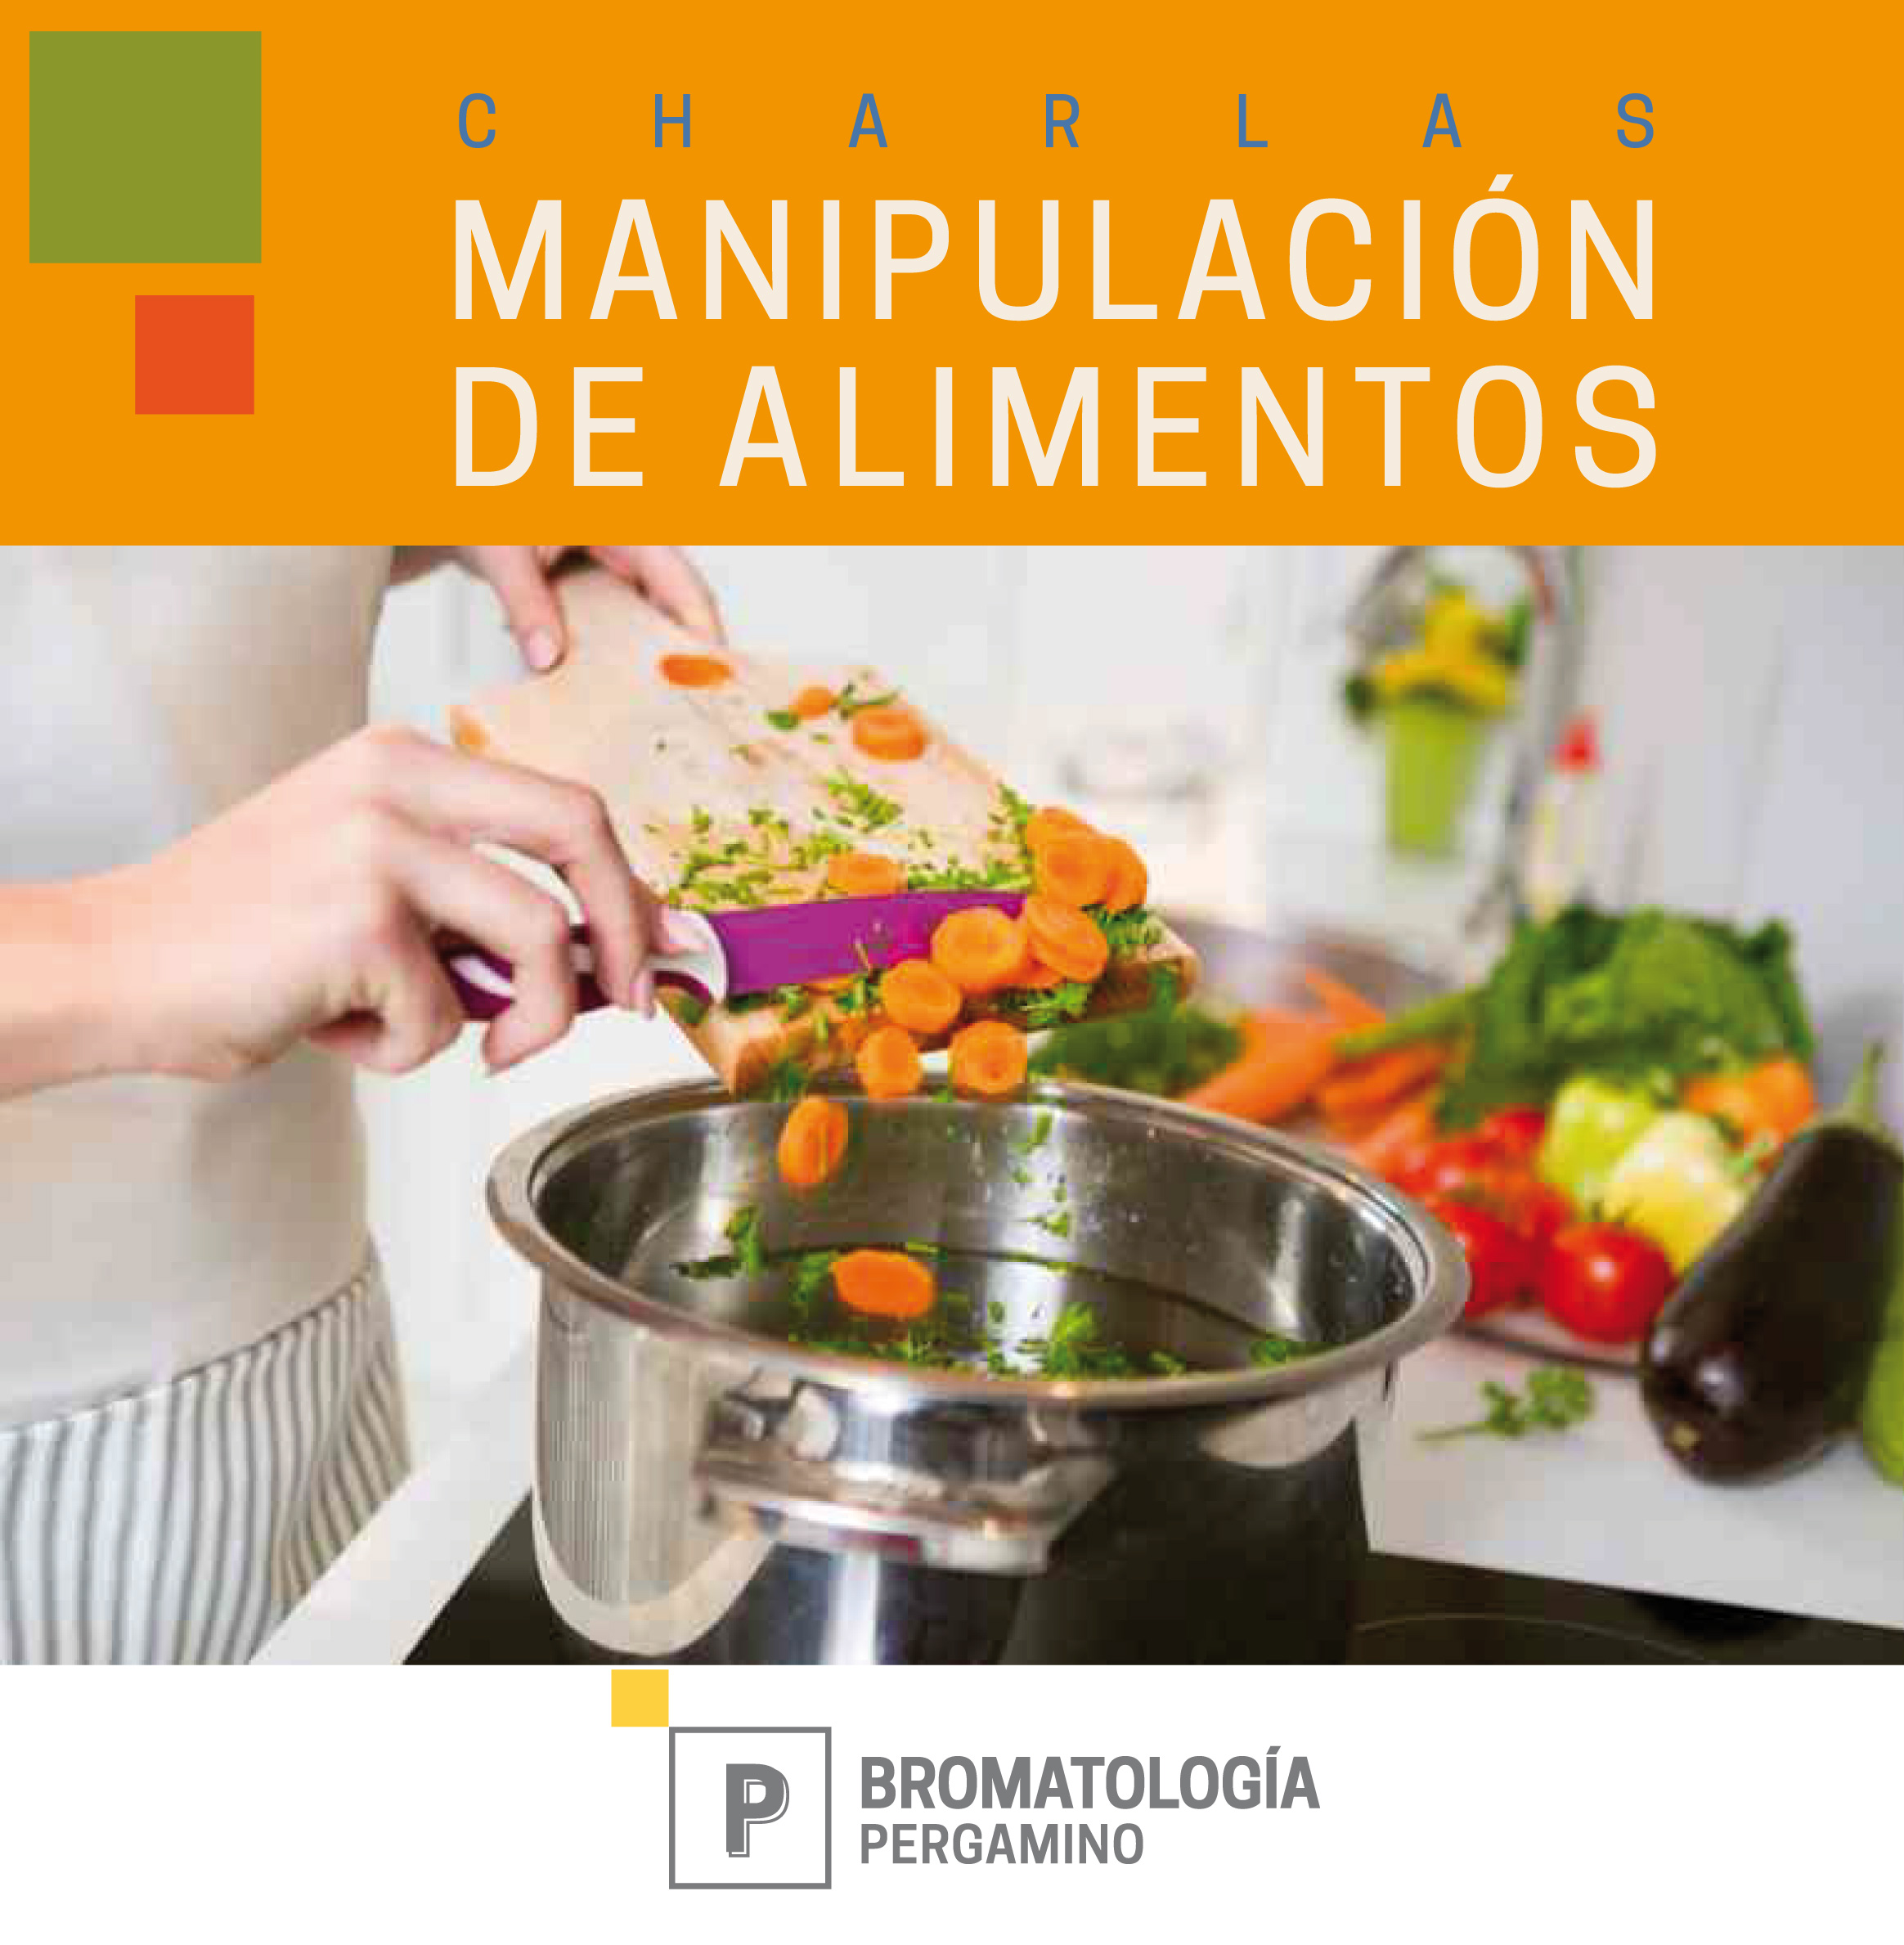 MANIPULACION DE ALIMENTOS BROMATOLOGÍA